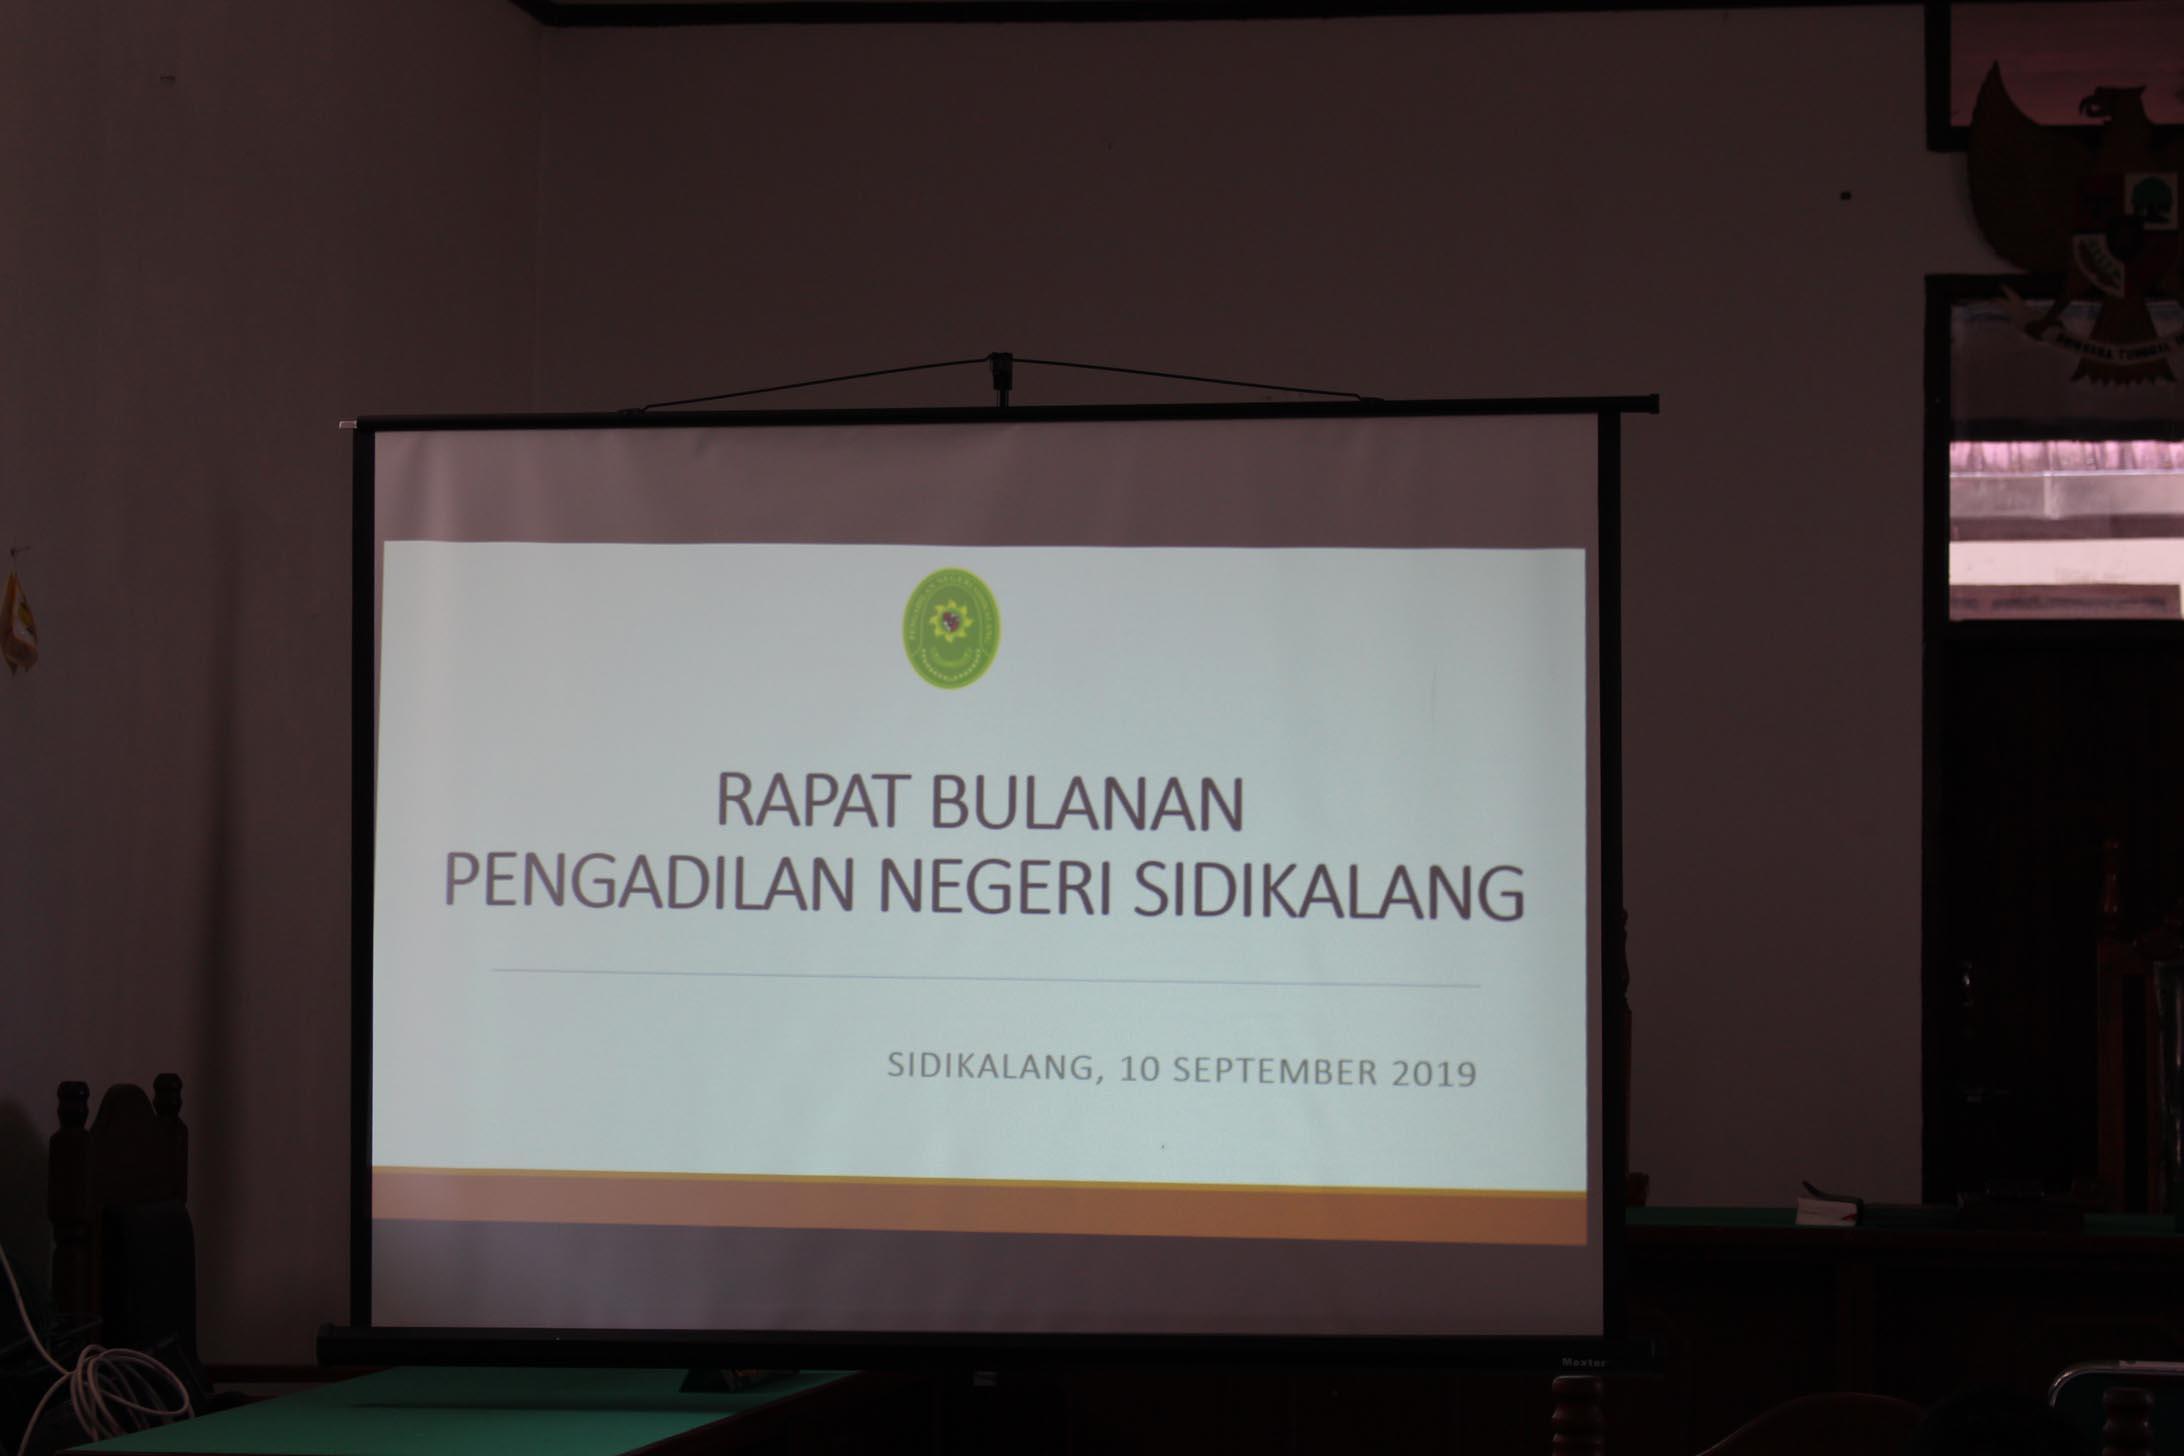 RAPAT RUTIN BULAN SEPTEMBER 2019 PENGADILAN NEGERI SIDIKALANG